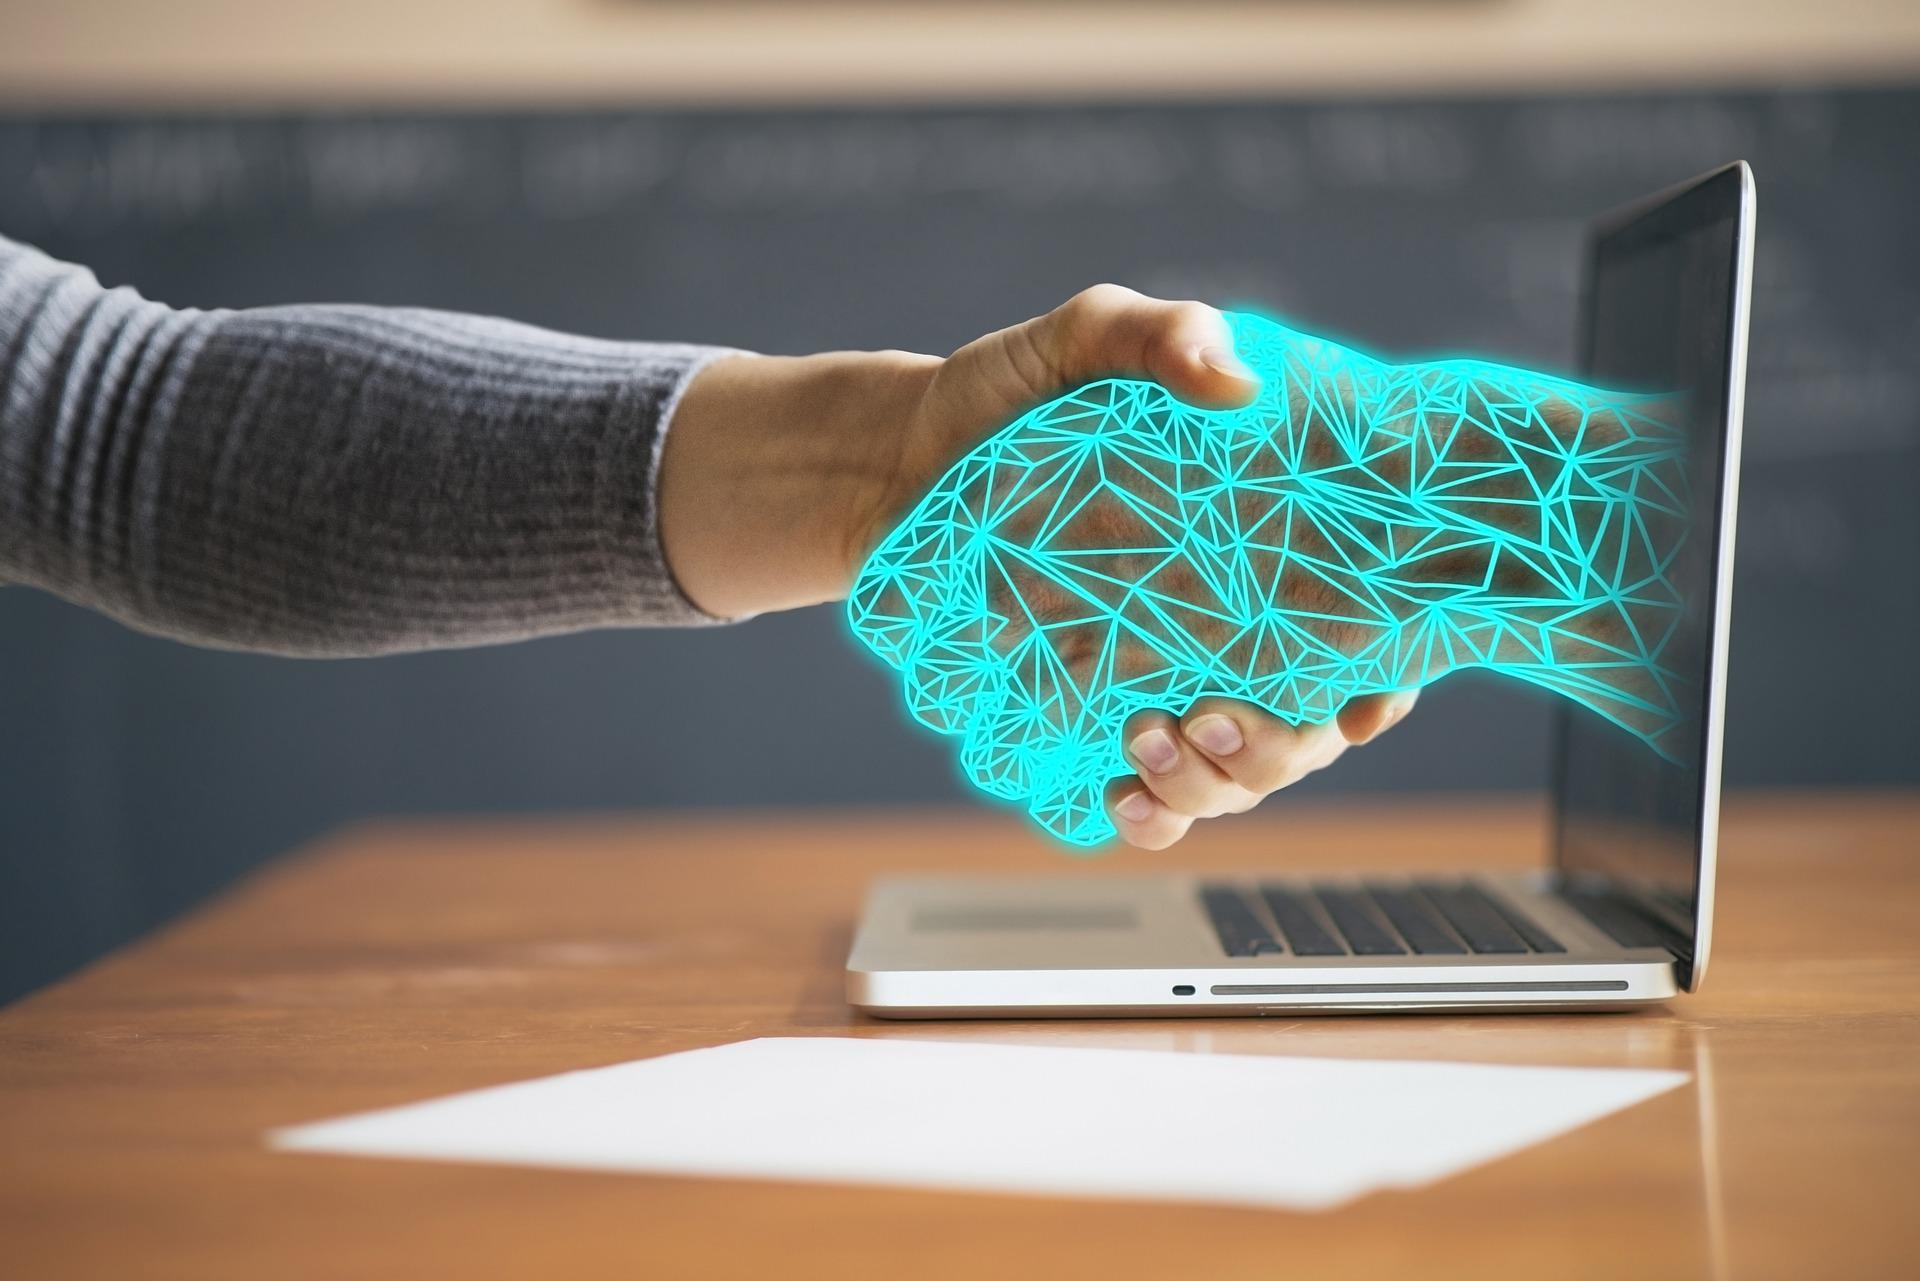 Hand in Hand - Robotic Process Automation (RPA) unterstützt bei Routineaufgaben im Büro